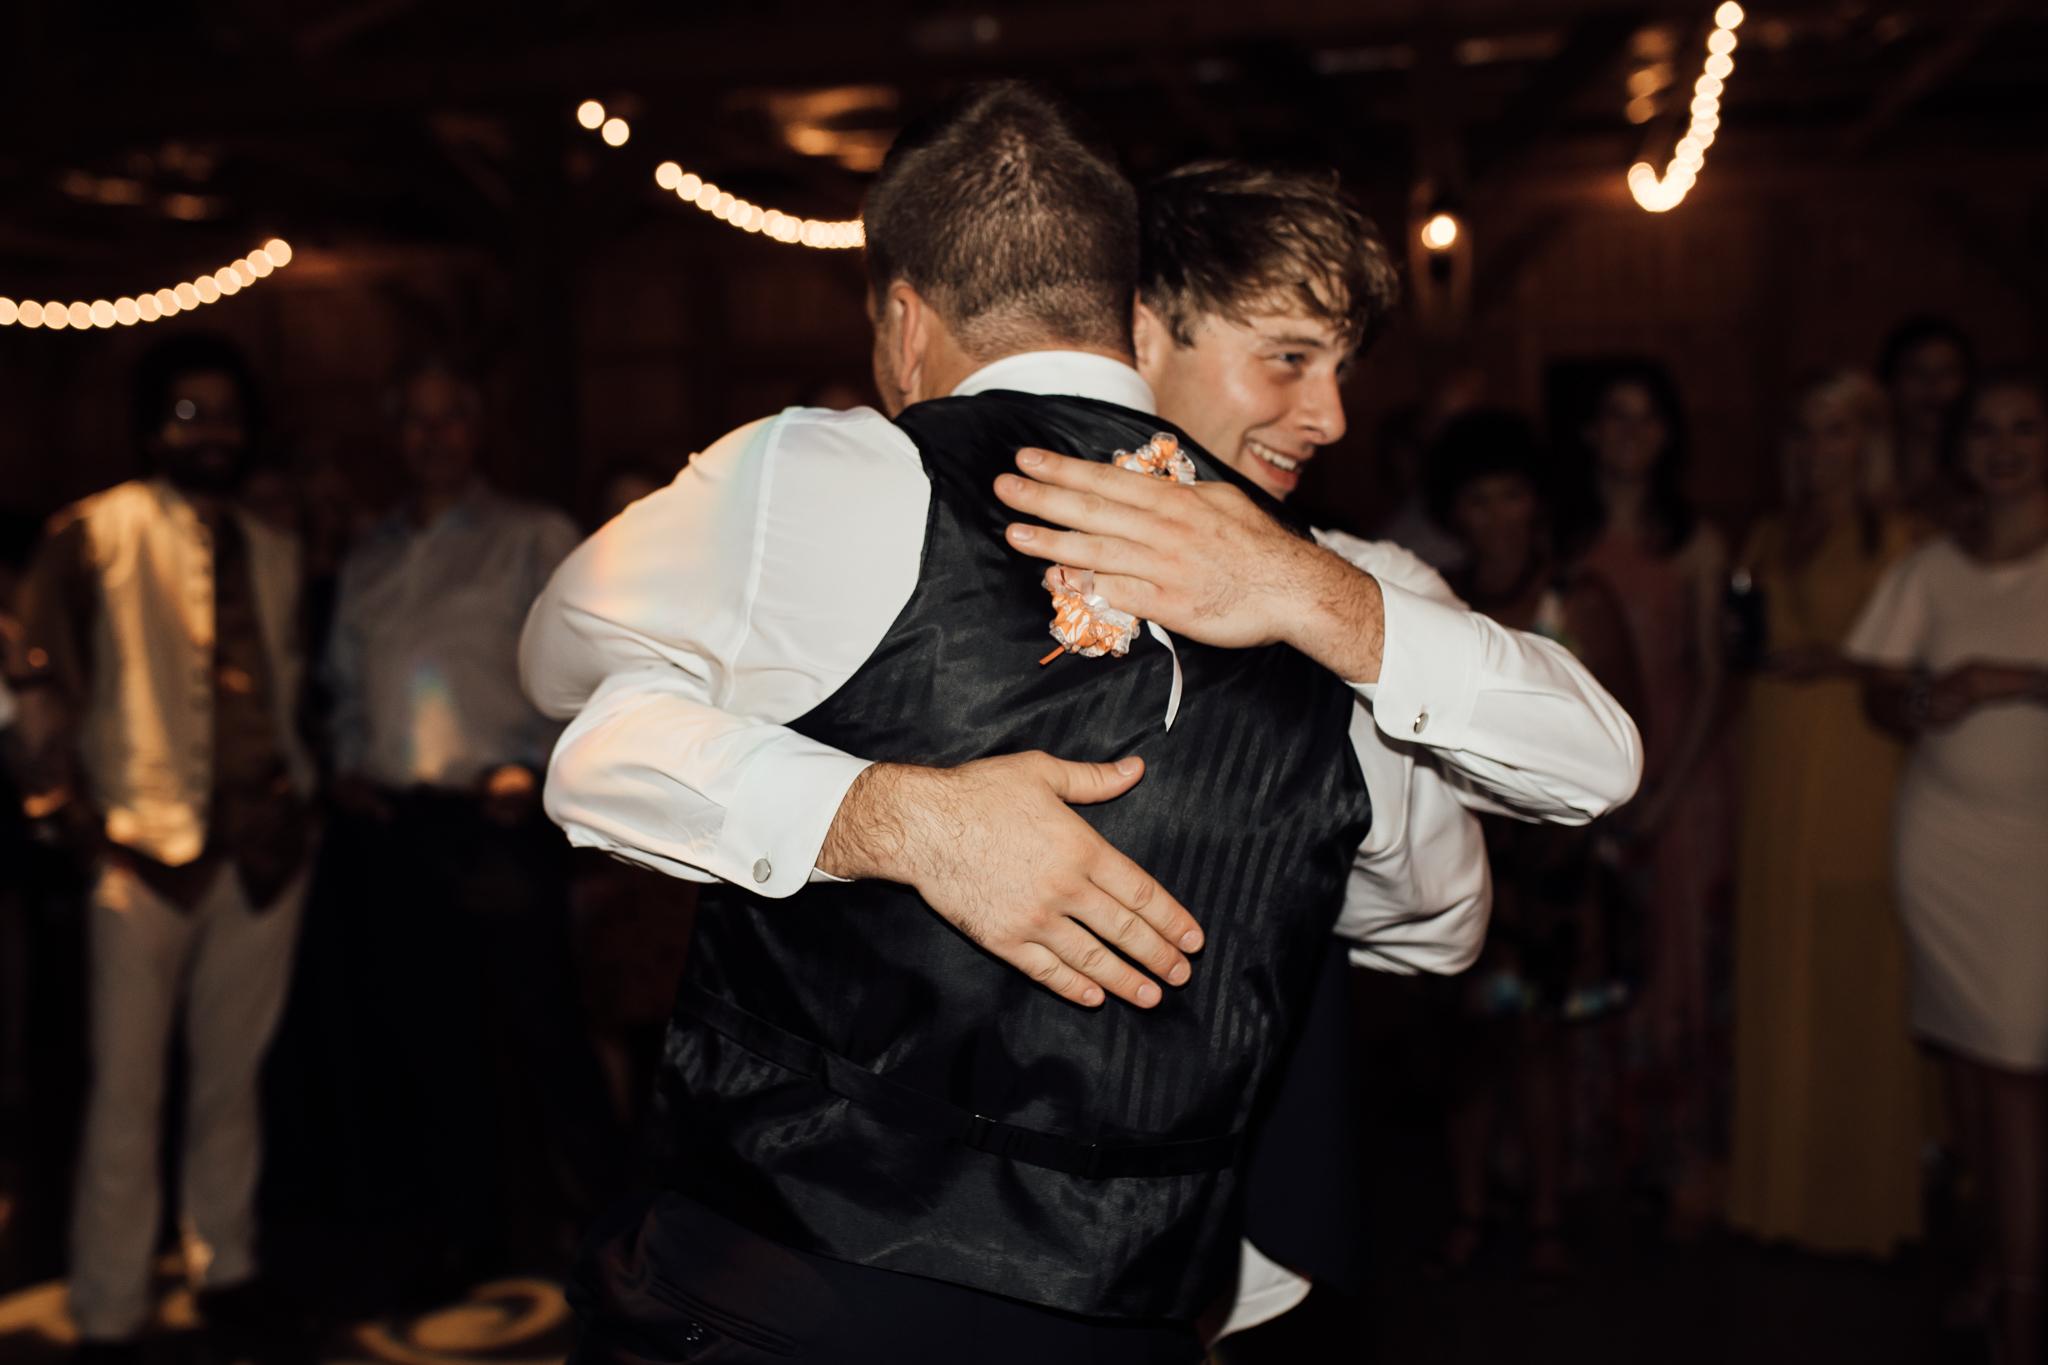 saddlewoodsfarms-nashville-wedding-photographer-thewarmtharoundyou-rustic-wedding (238 of 251).jpg